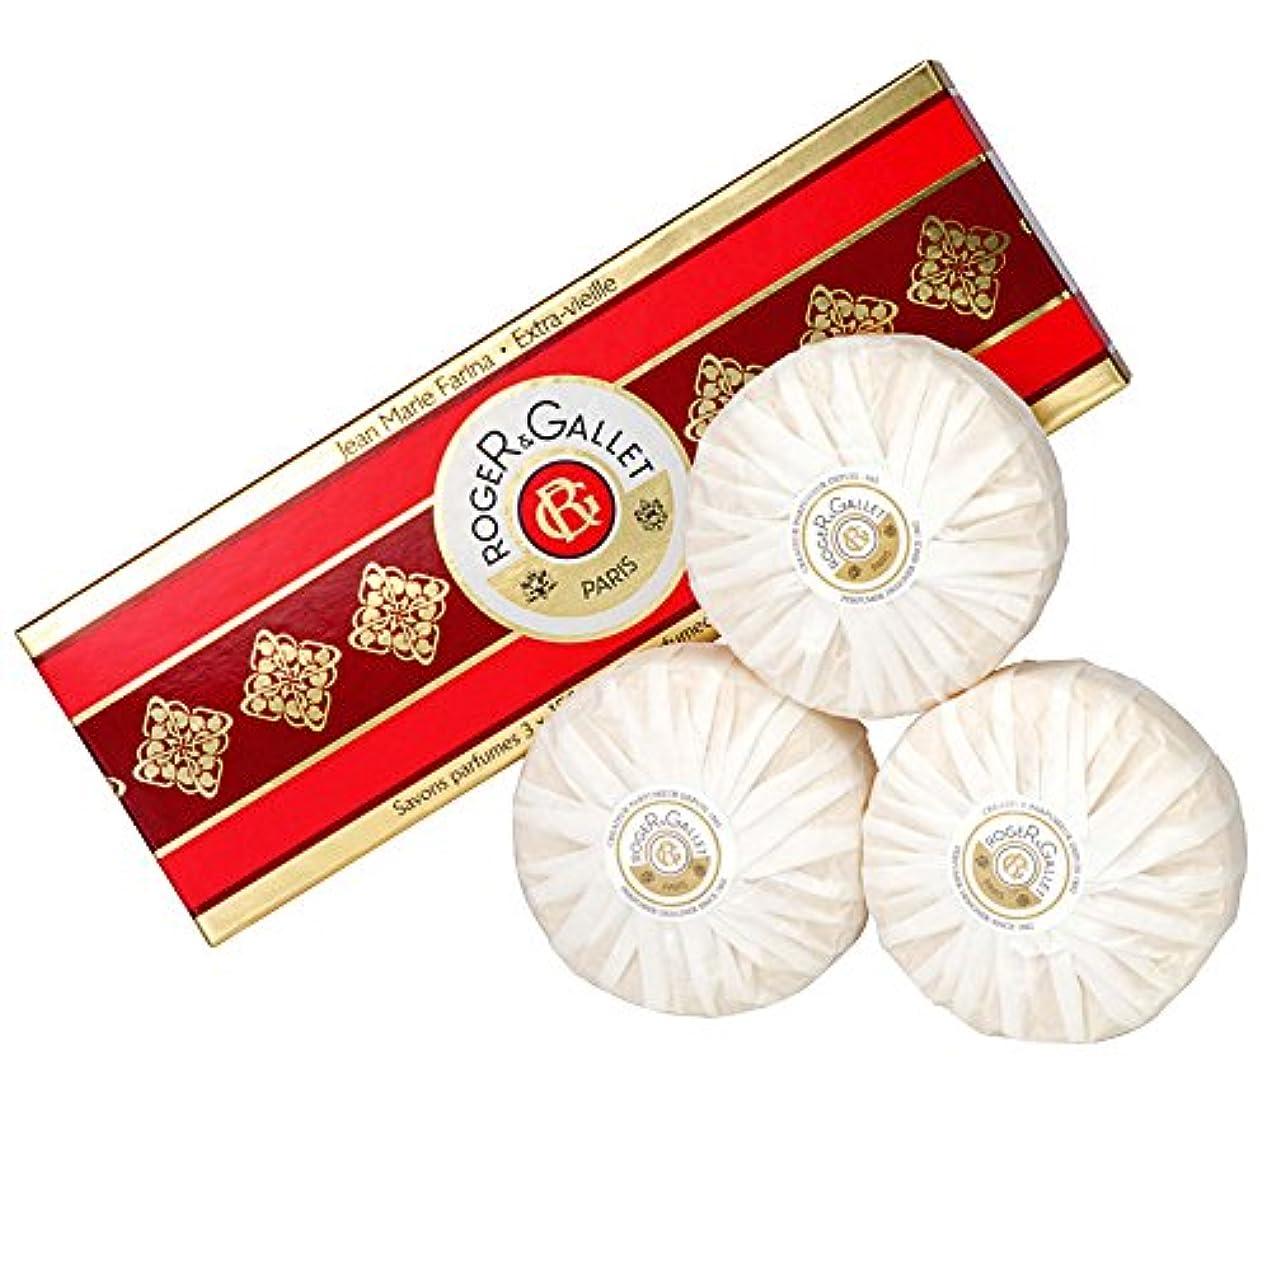 休日剥離マントルロジャー&Galletのジーンズマリーファリナ石鹸は、3つのX 100グラムを設定しました (Roger & Gallet) (x6) - Roger & Gallet Jean Marie Farina Soap Set...